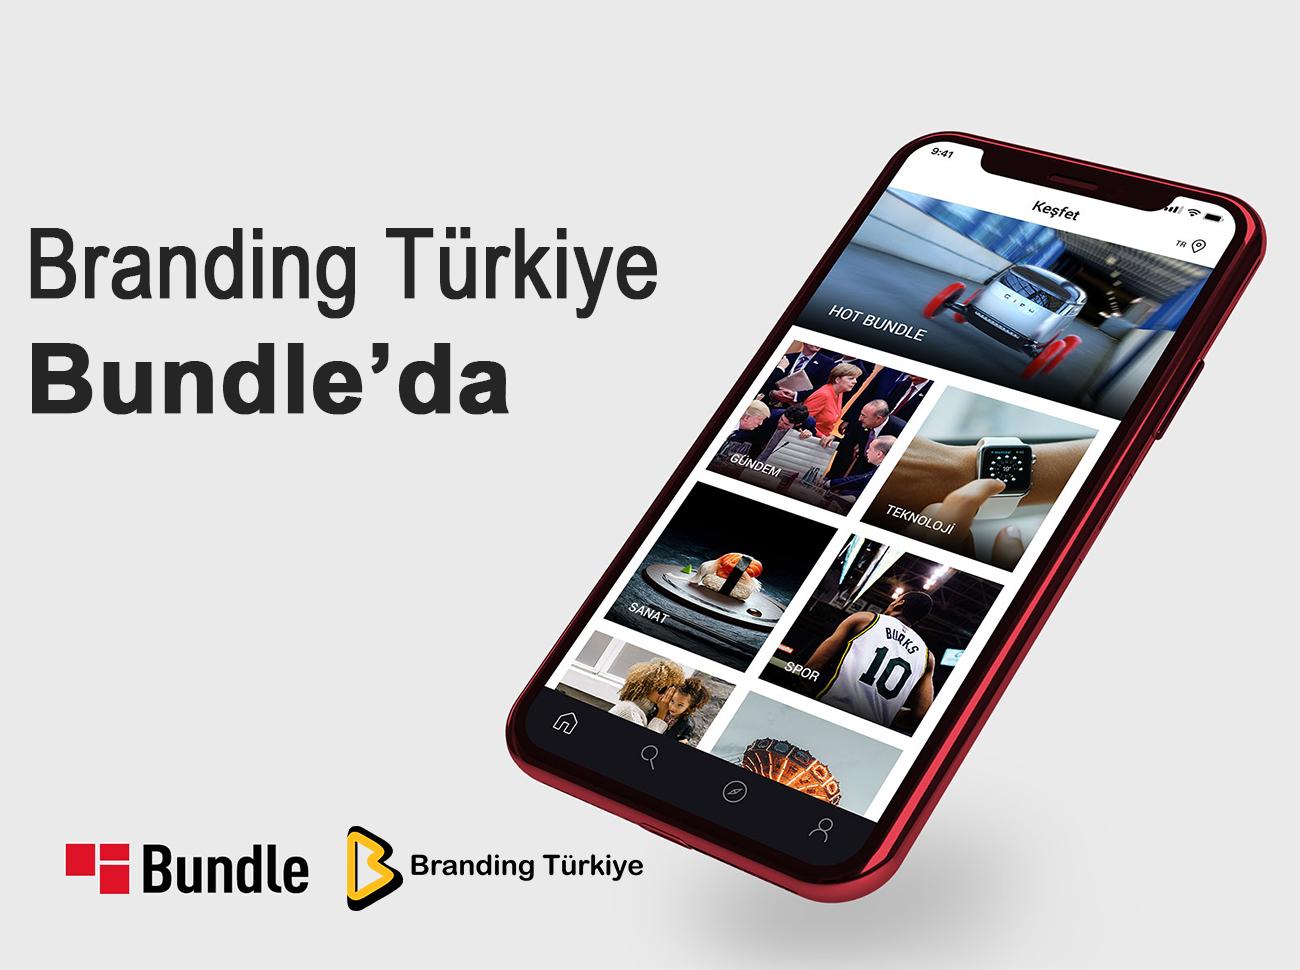 Bütünleşik Pazarlama Mecrası Branding Türkiye Bundle'da